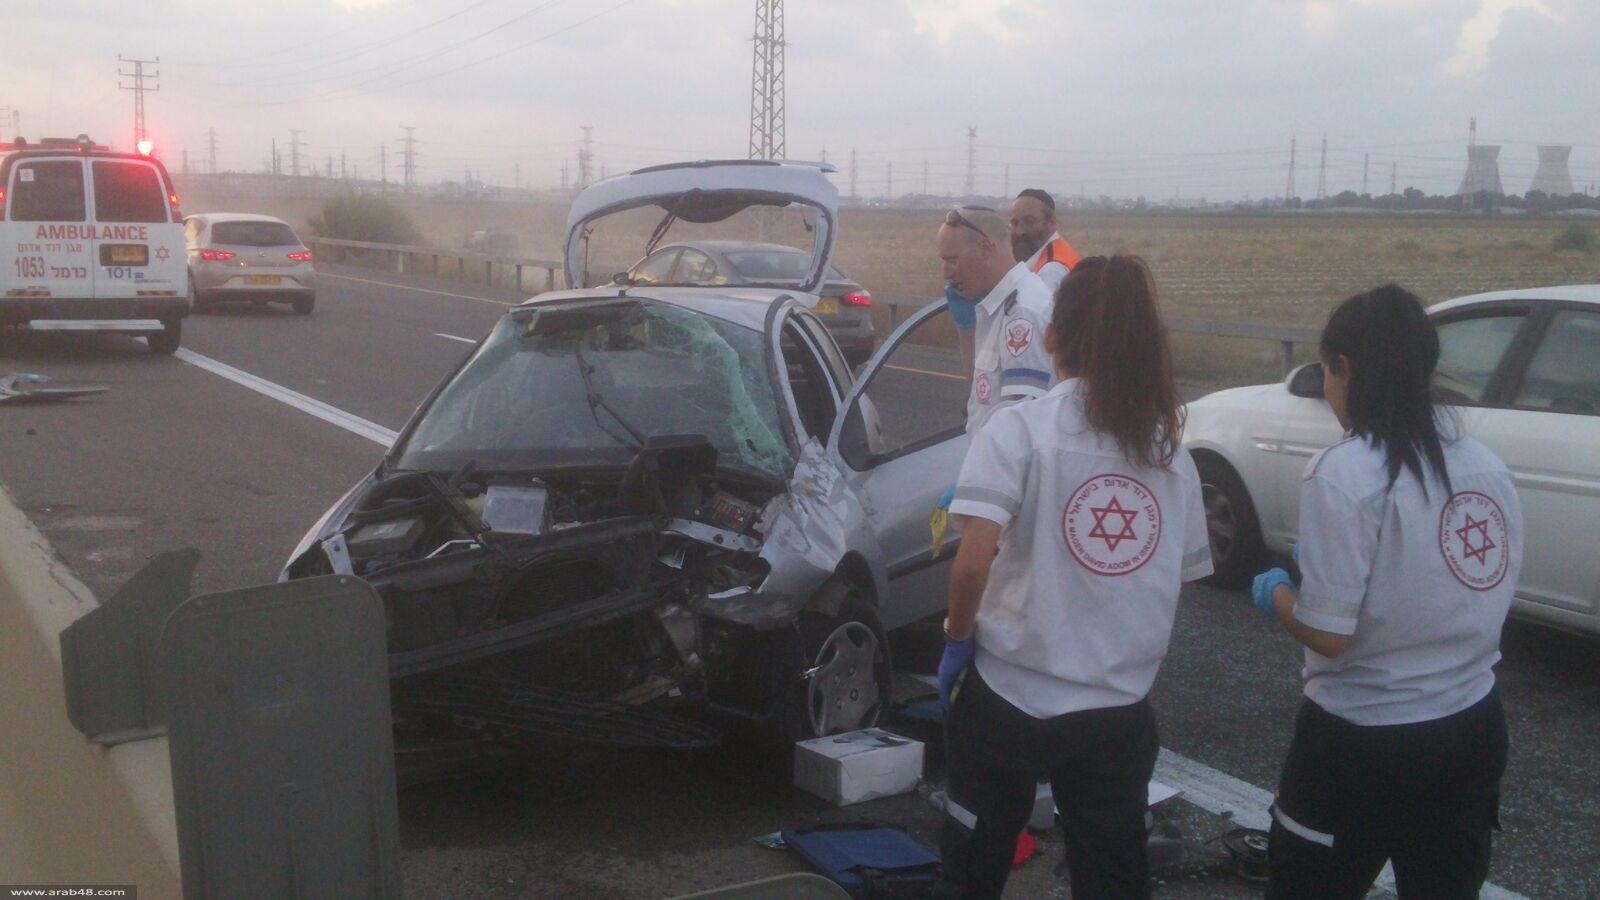 حيفا: اختناق مروري إثر انقلاب سيارة عند مدخل المدينة